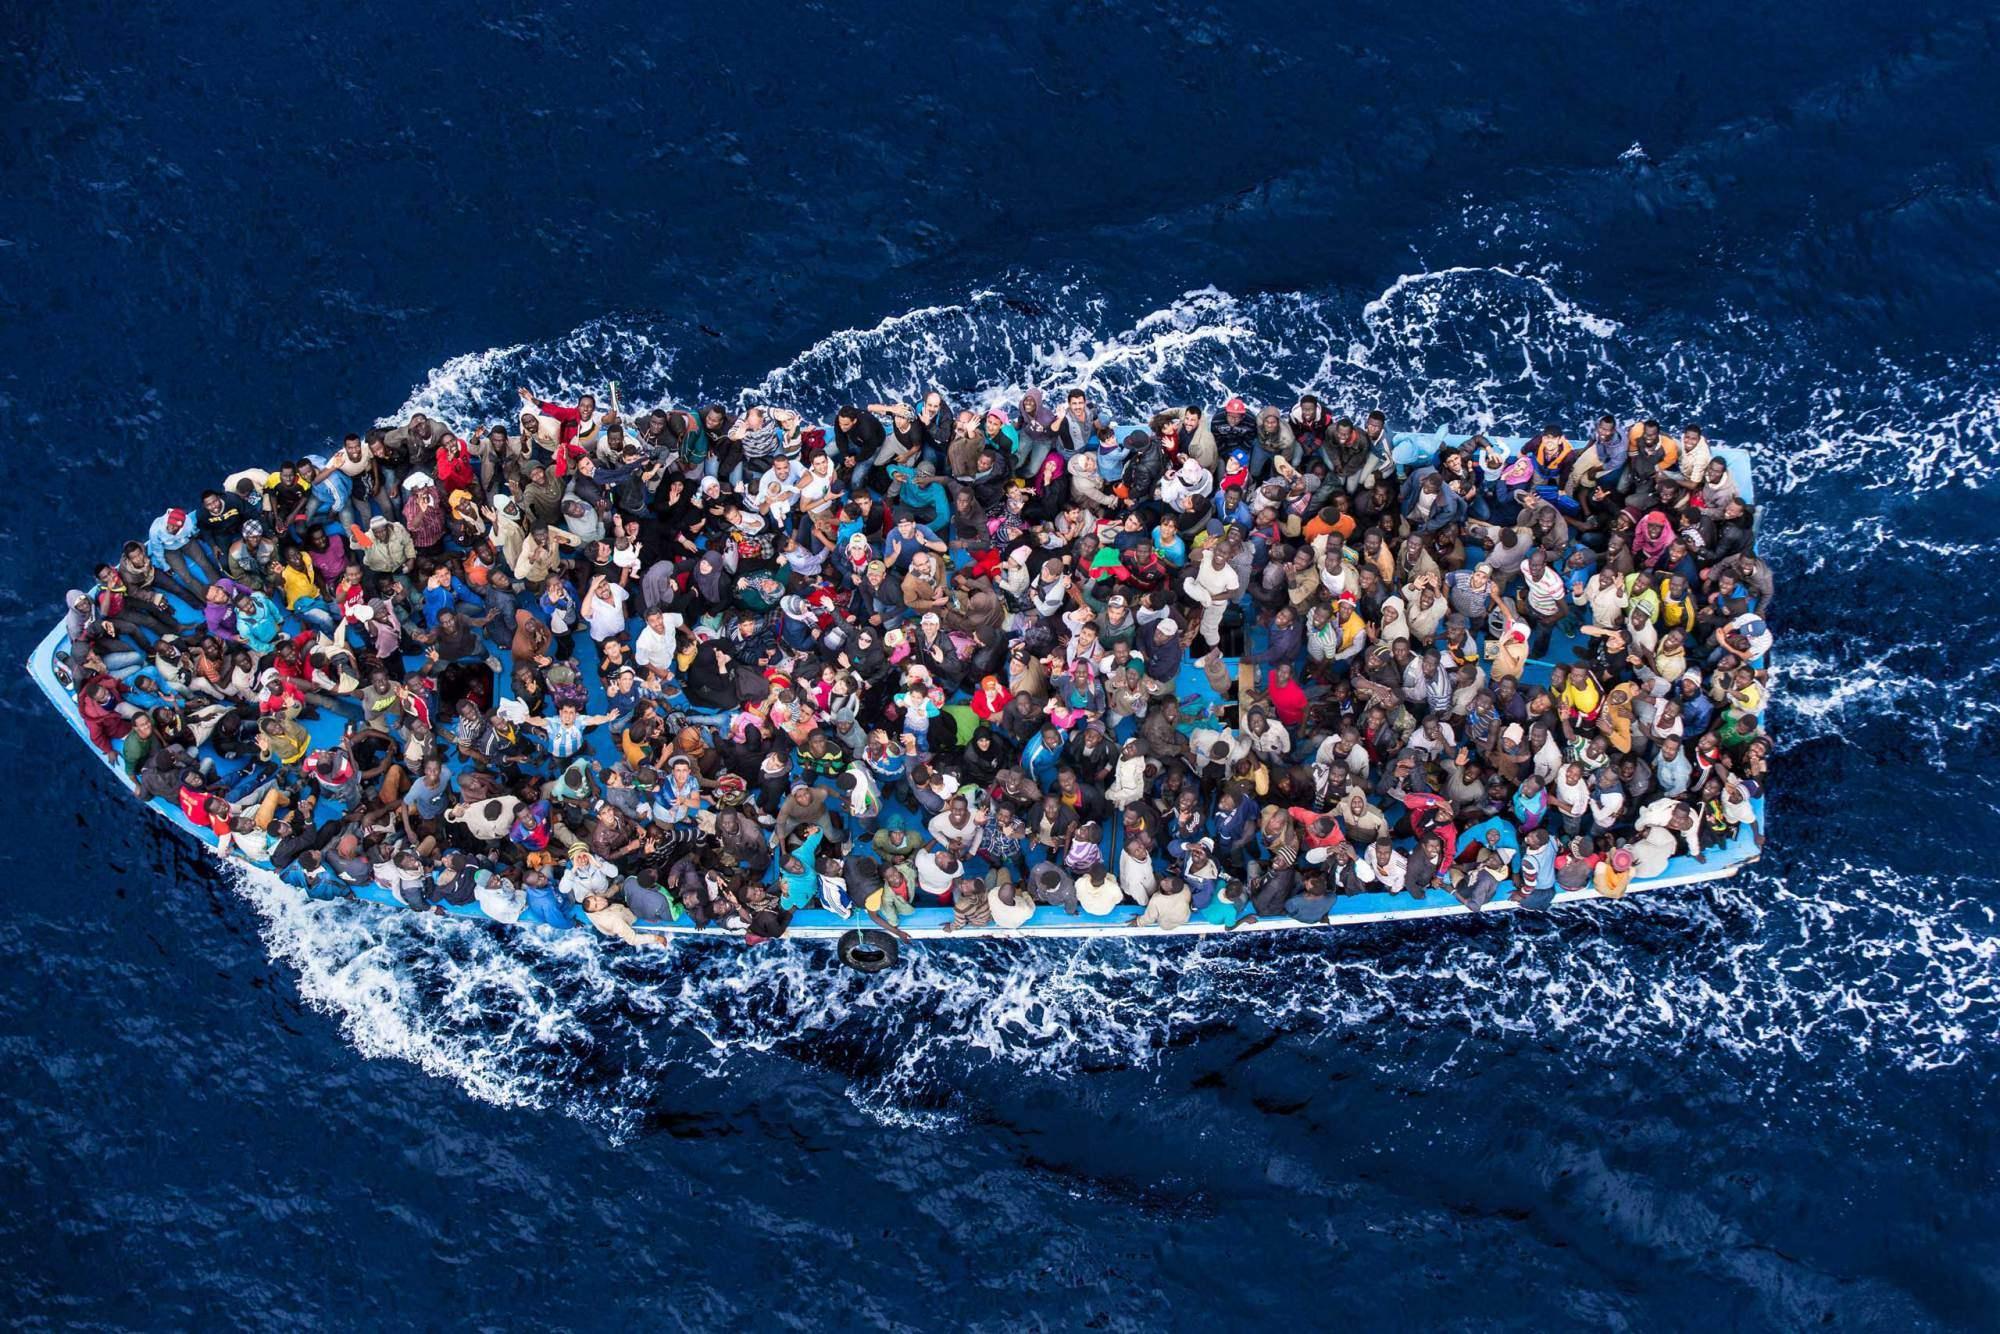 Accoglienza migranti, nulla l'ordinanza sindacale che discrimina gli stranieri per motivi razziali o etnici